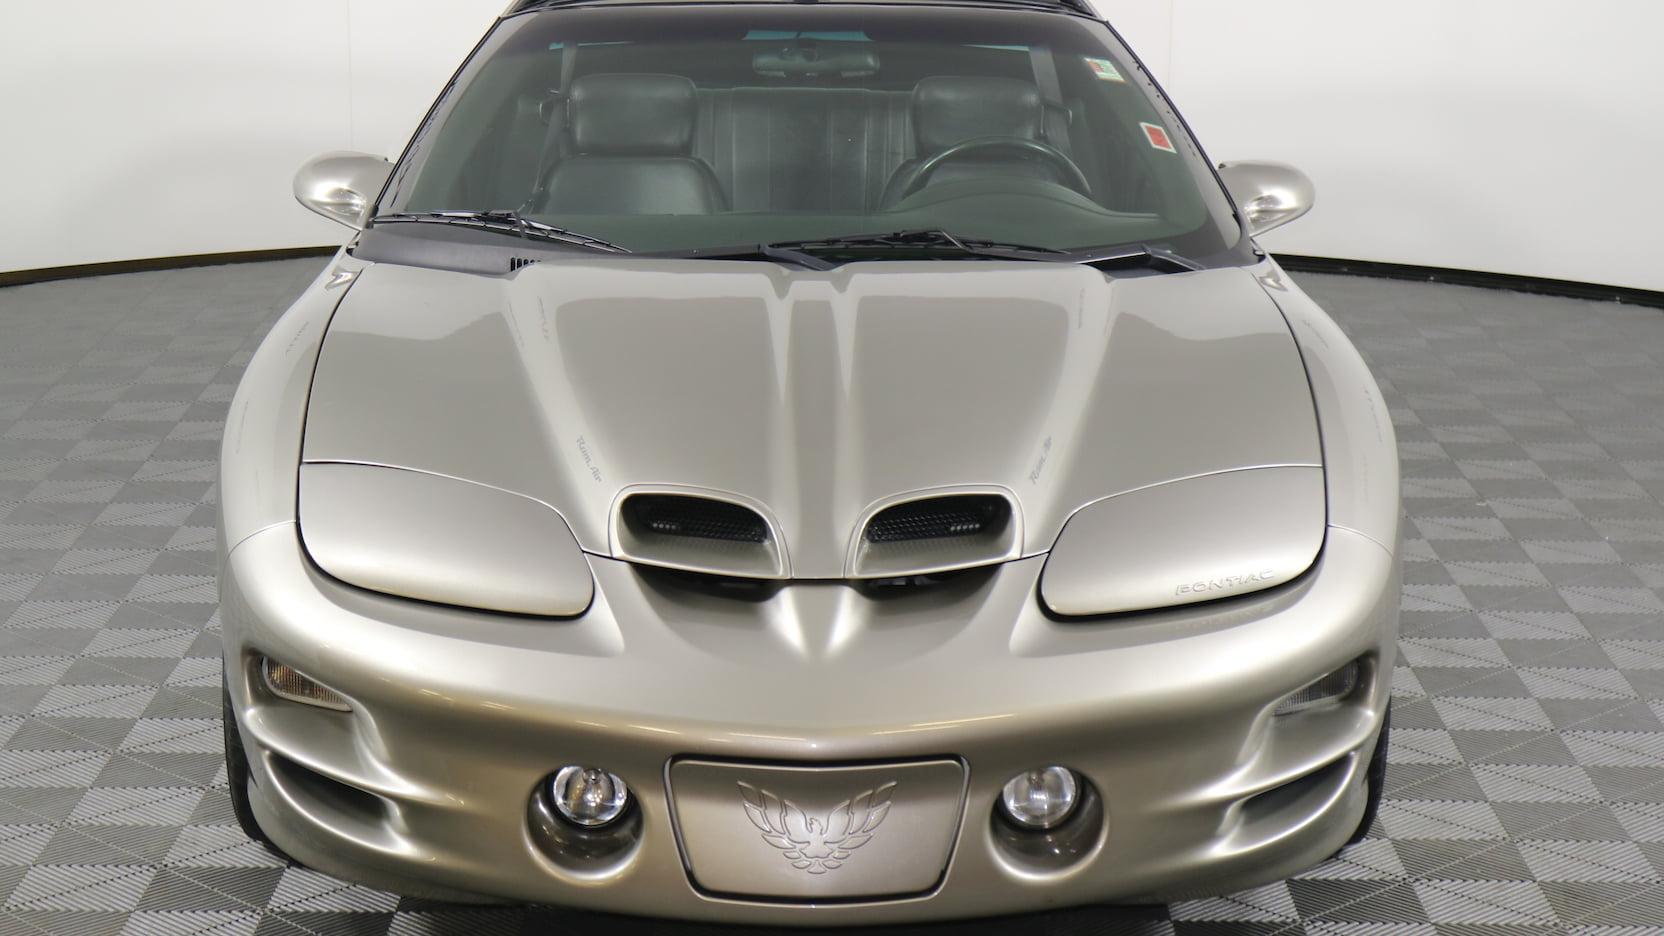 2001 Pontiac Firebird Trans Am WS6 hood scoops